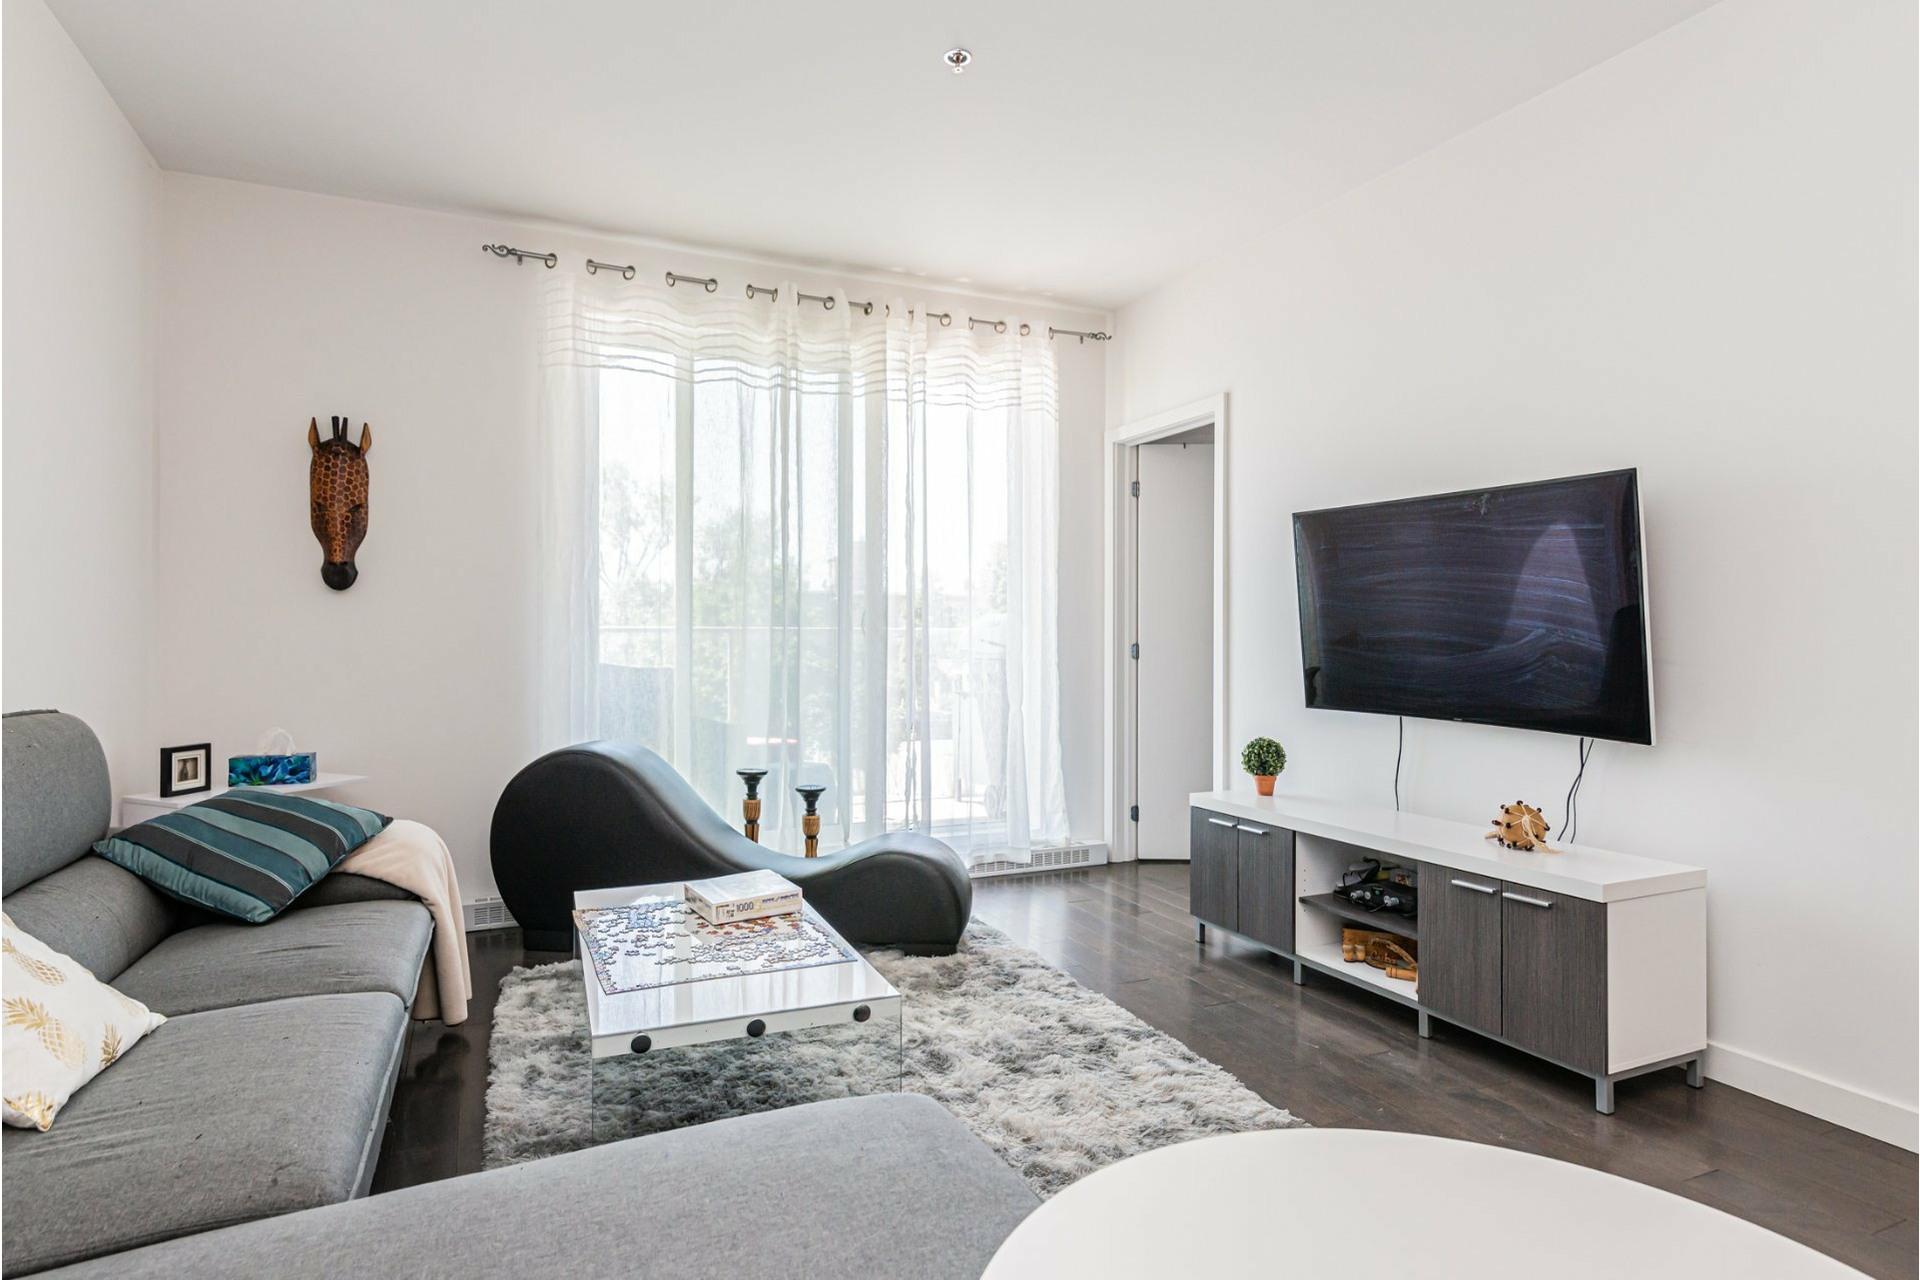 image 14 - Apartment For sale Lachine Montréal  - 4 rooms